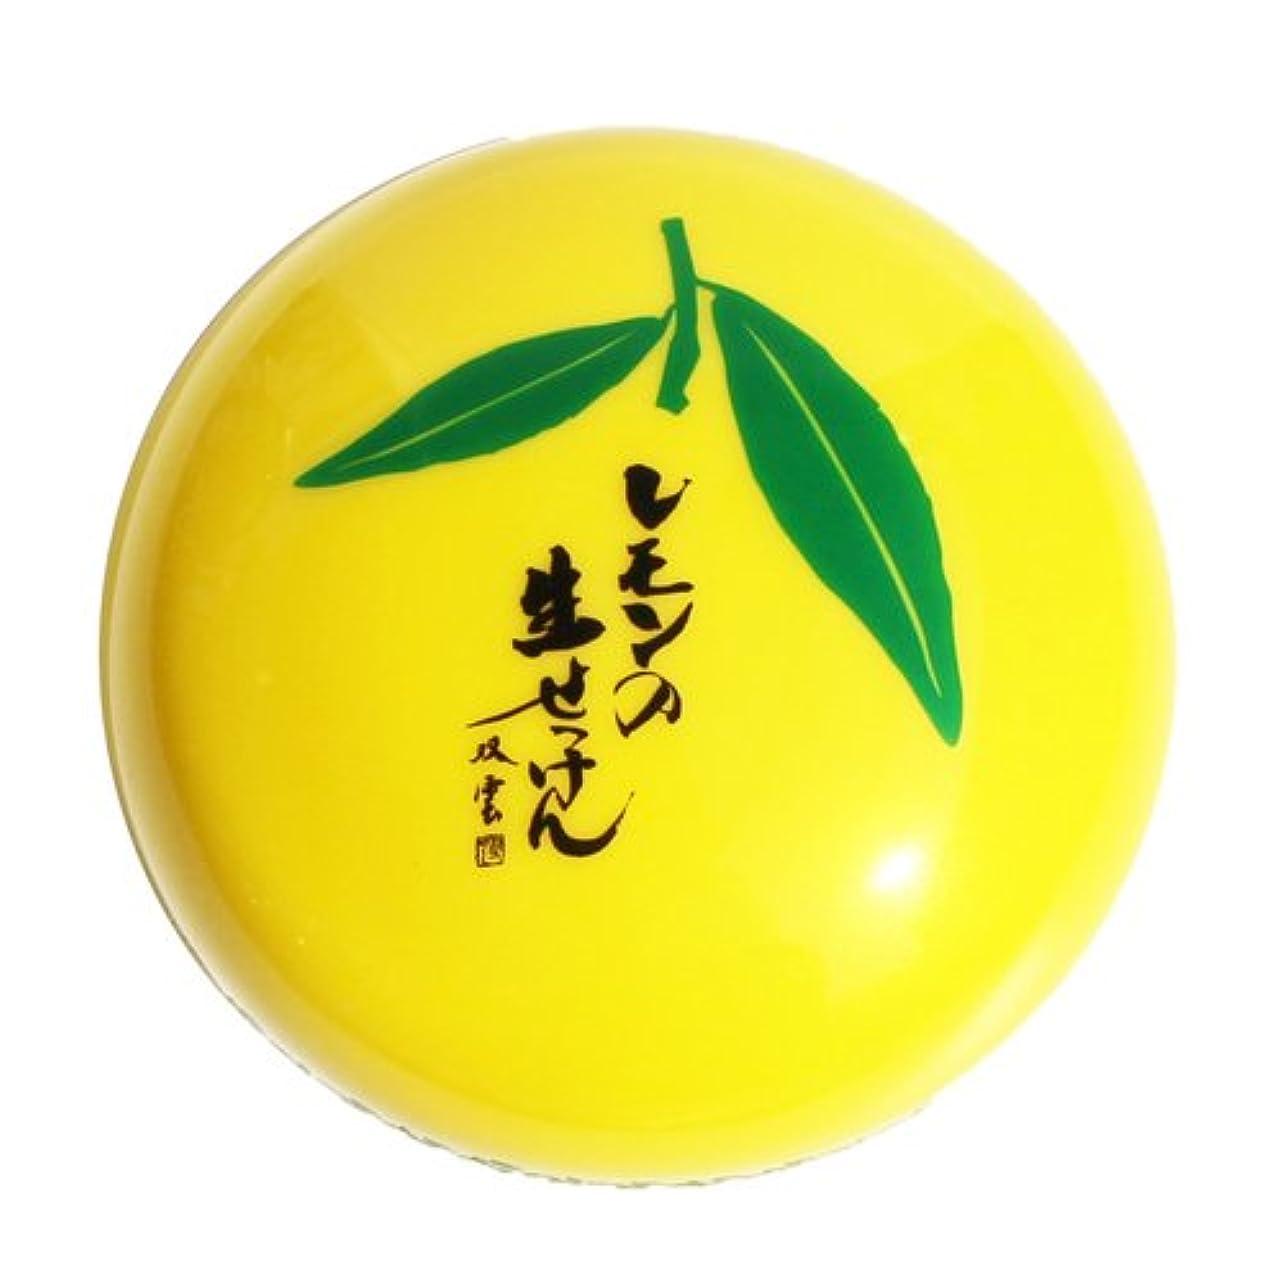 刻む薬用正しく美香柑 レモンの生せっけん 120g